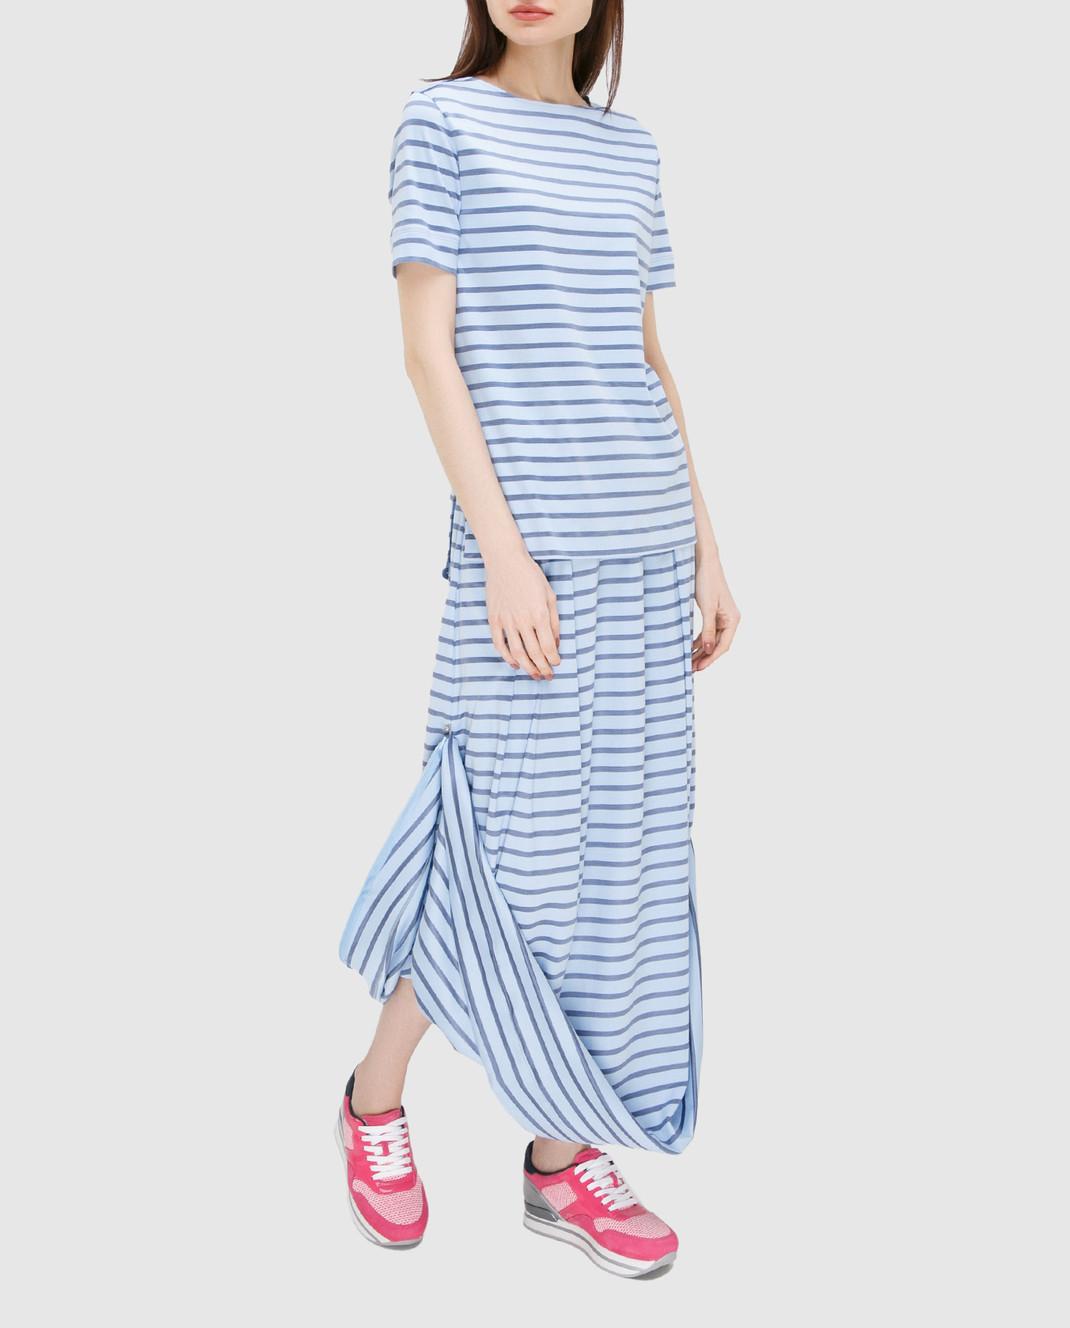 Ereda Голубая юбка 241498L изображение 3